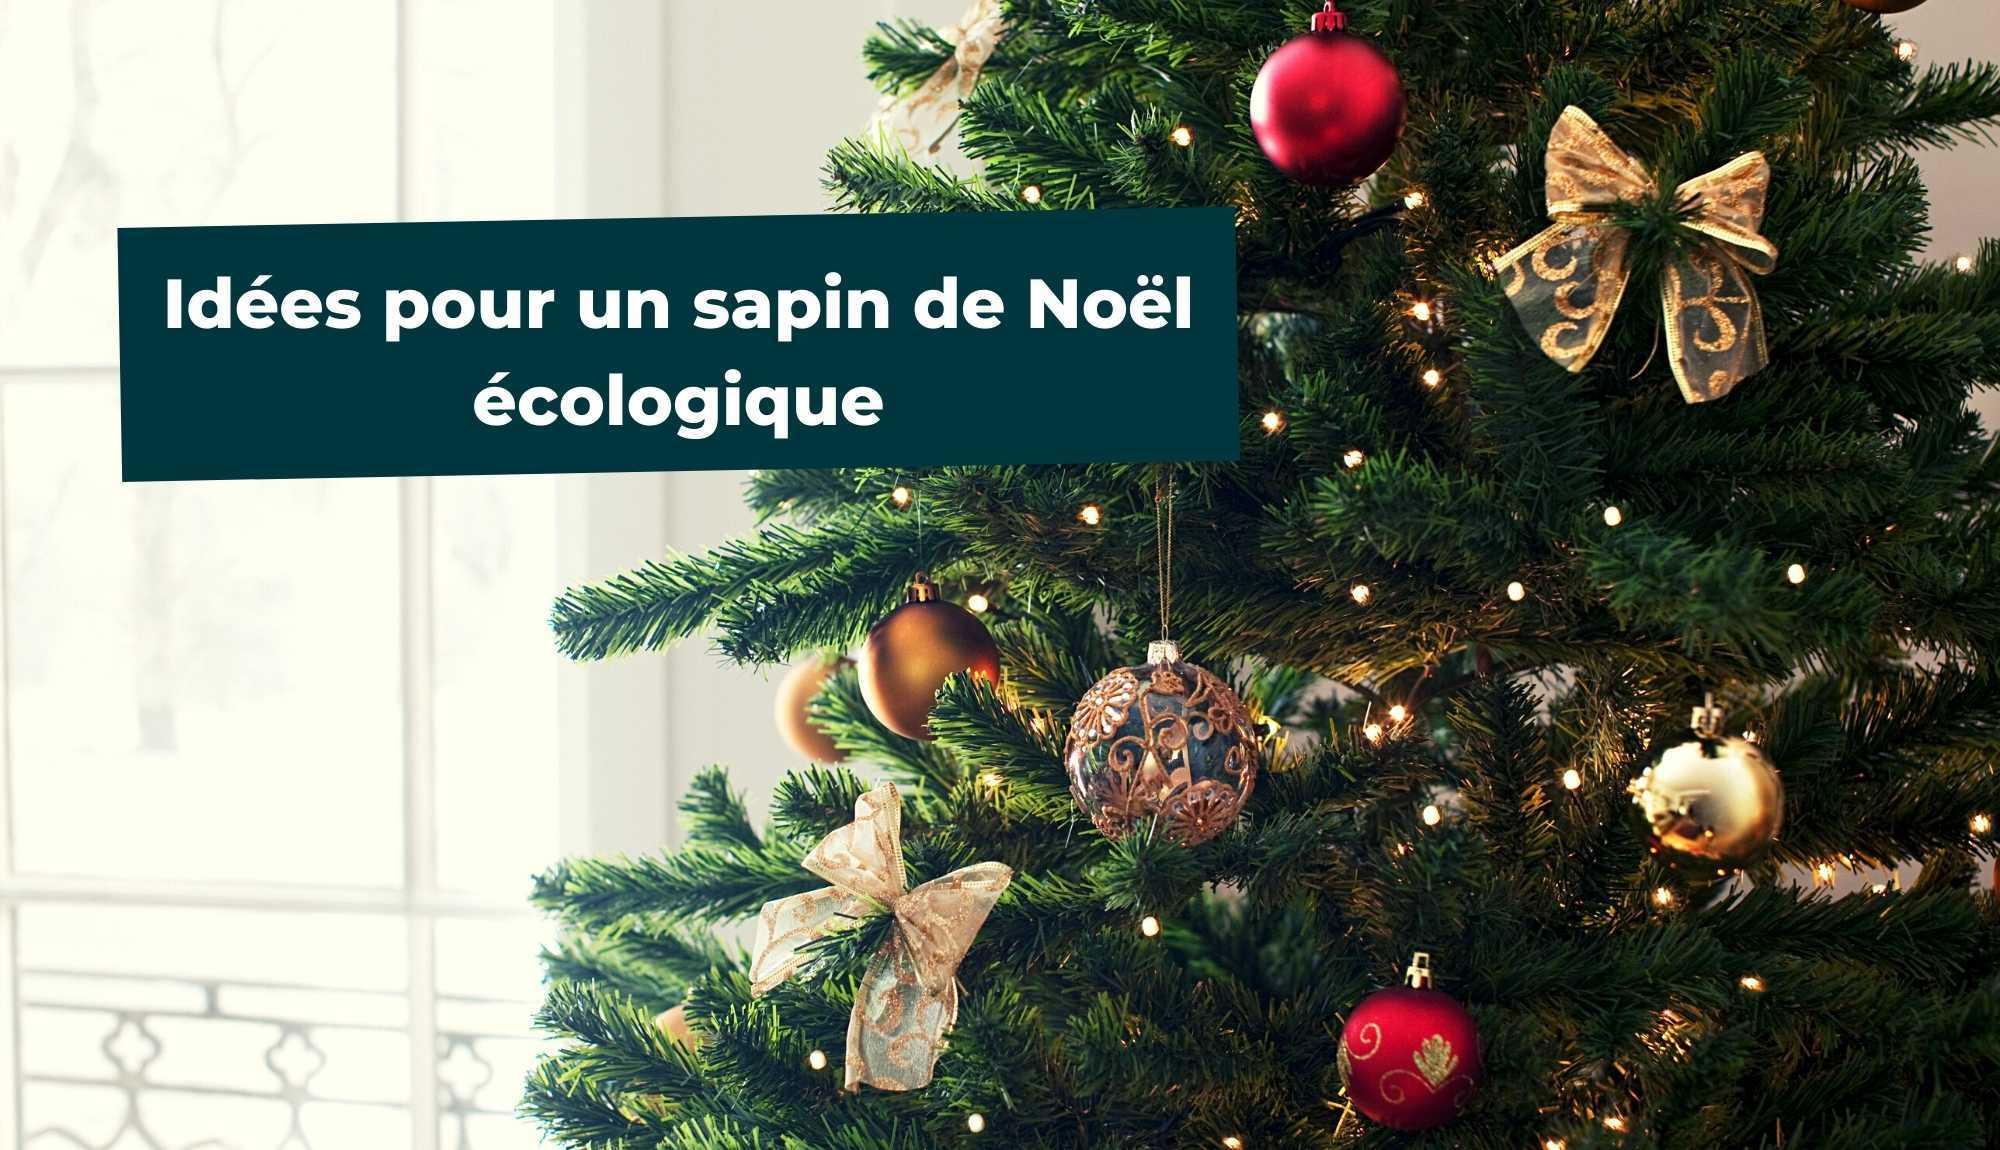 Idées pour un sapin de Noël écologique